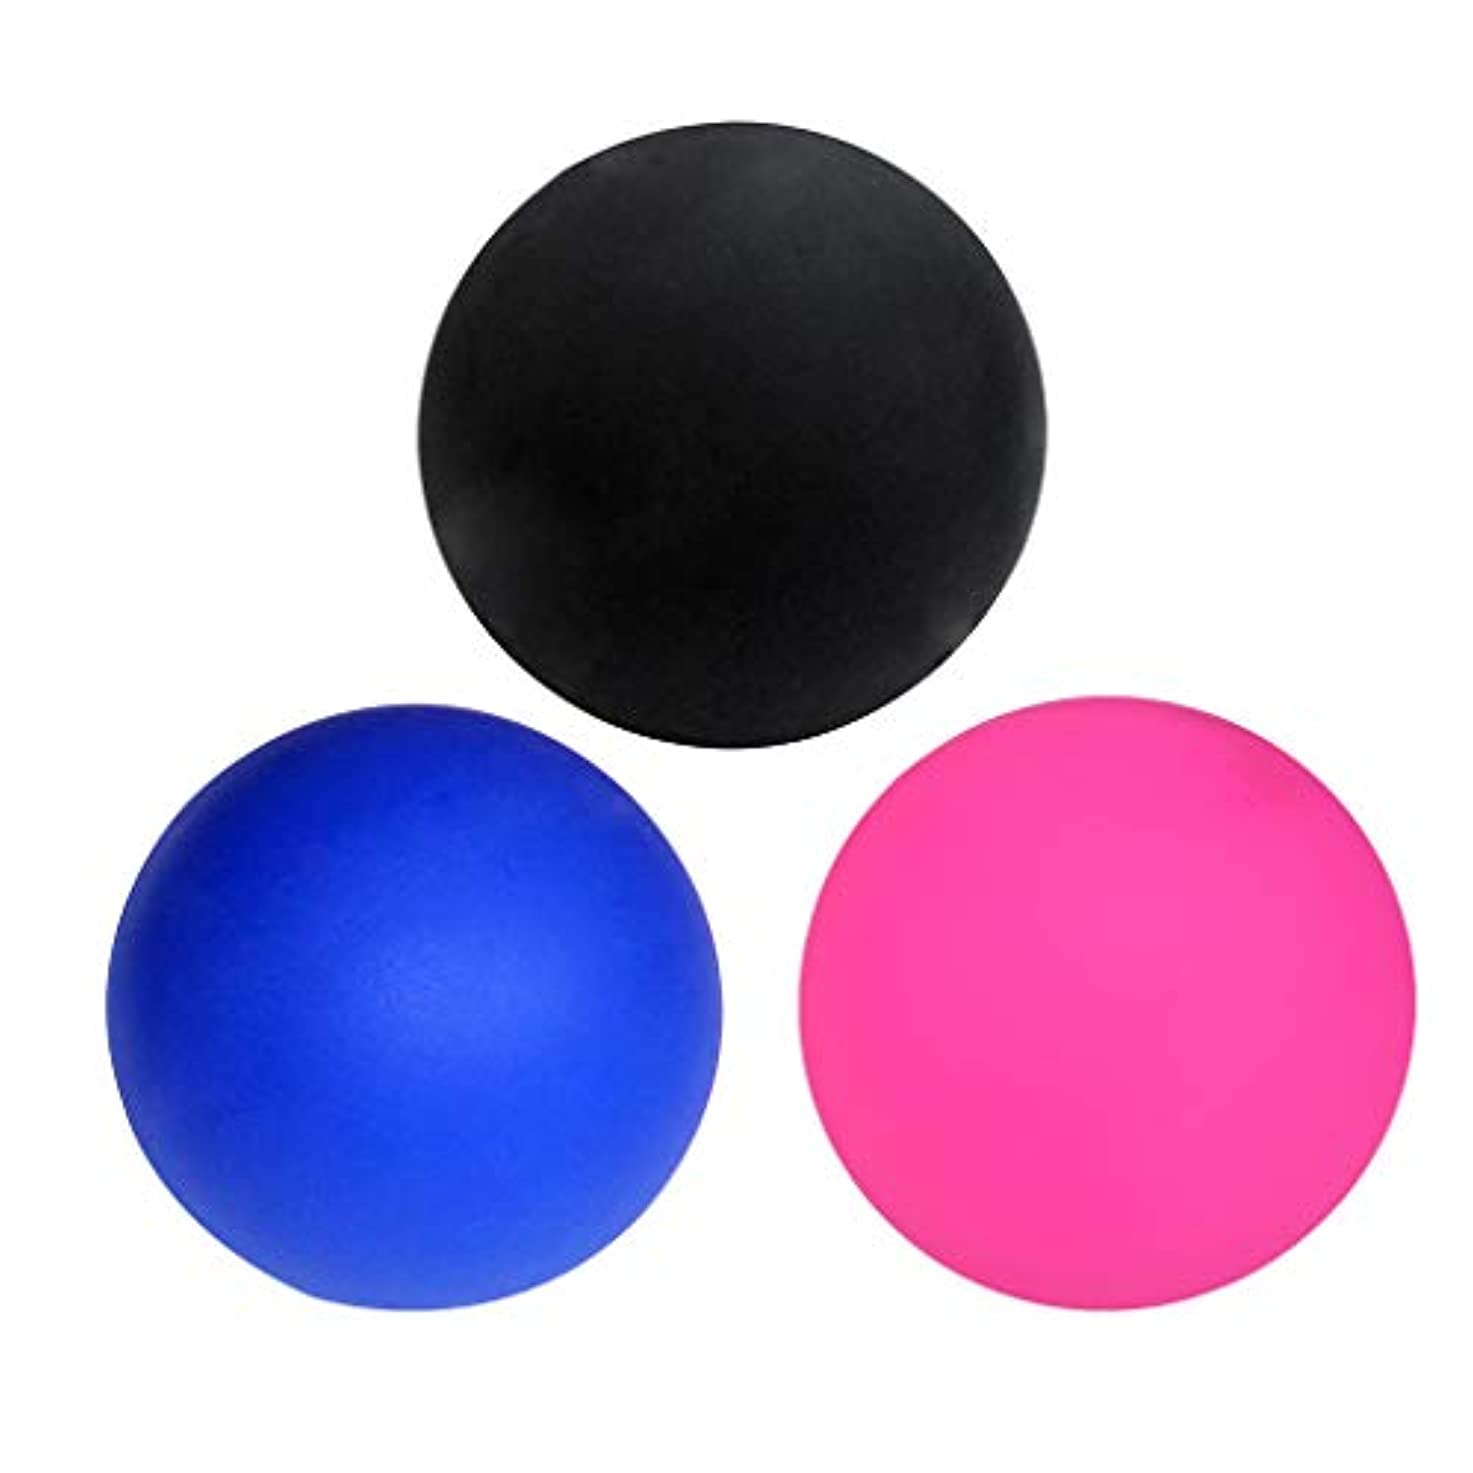 インタフェース比類のない甘味chiwanji 3個 マッサージボール 筋膜リリース ラクロスボール トリガーポイント 疲れ解消ボール ツボ押しグッズ